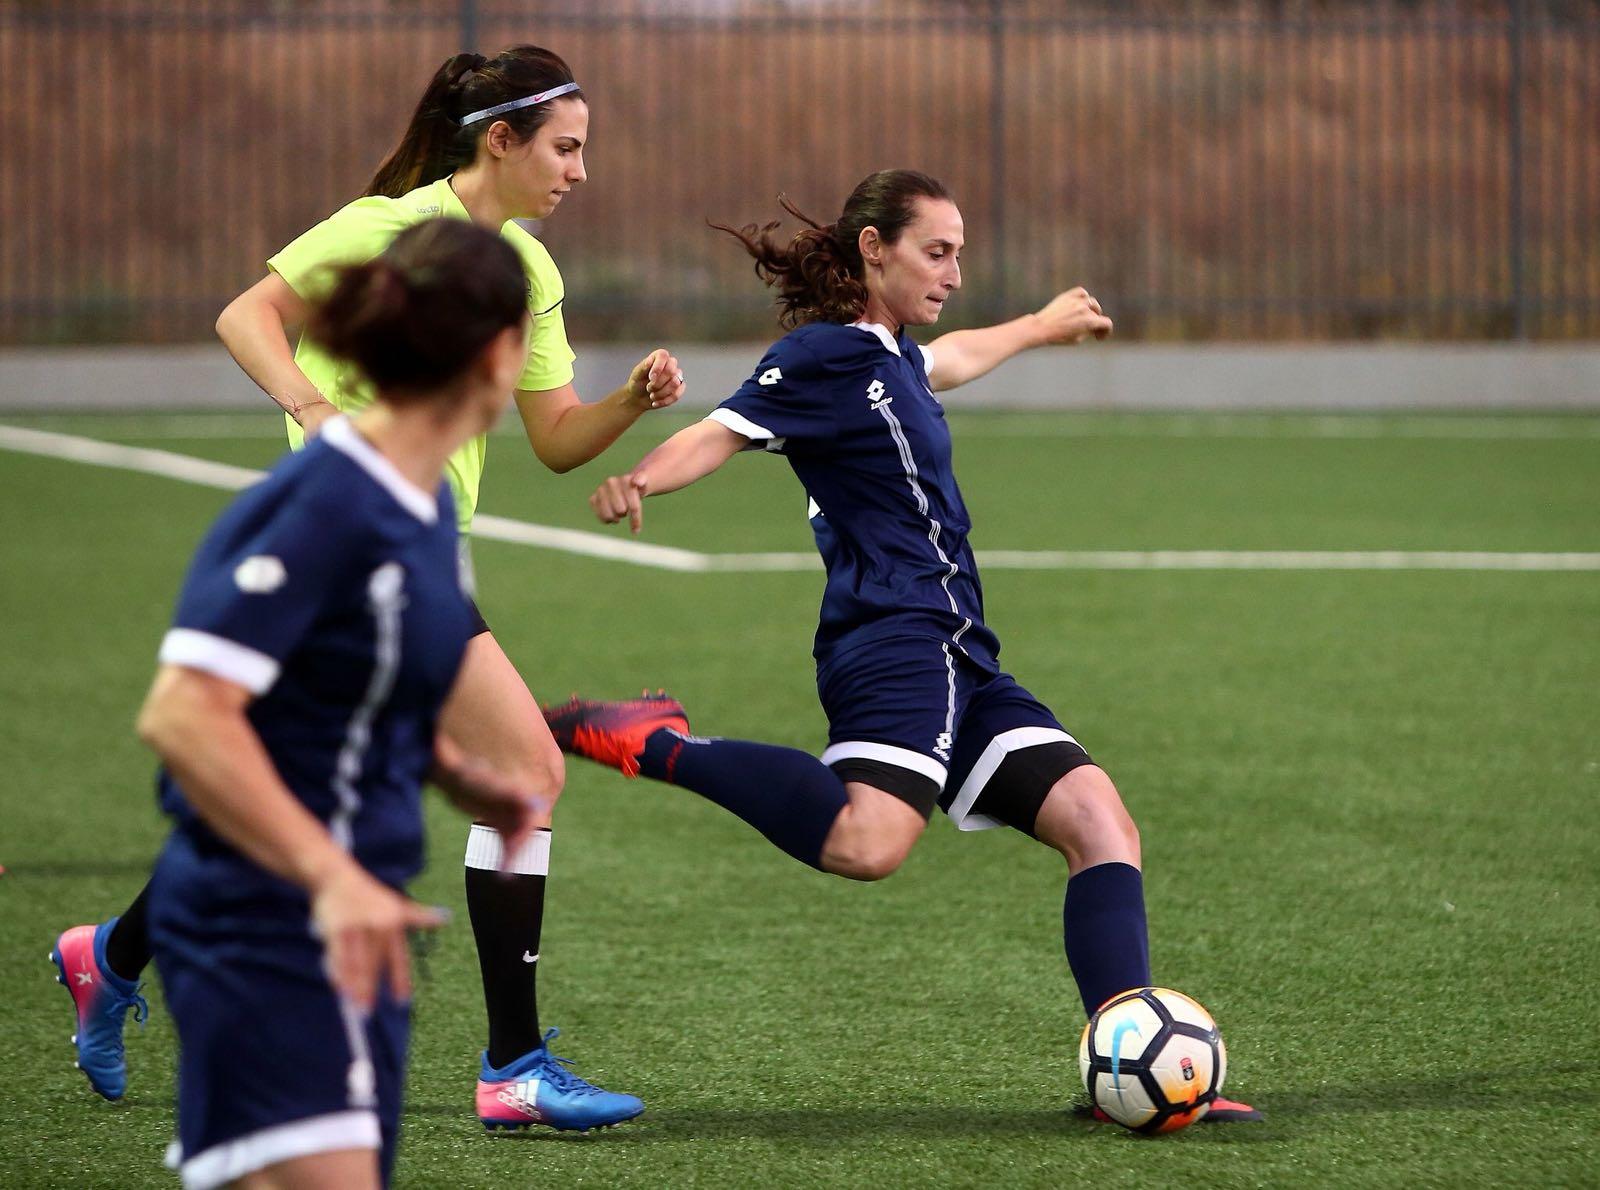 כדורגל נשים (צילום: באדיבות ההתאחדות לכדורגל)